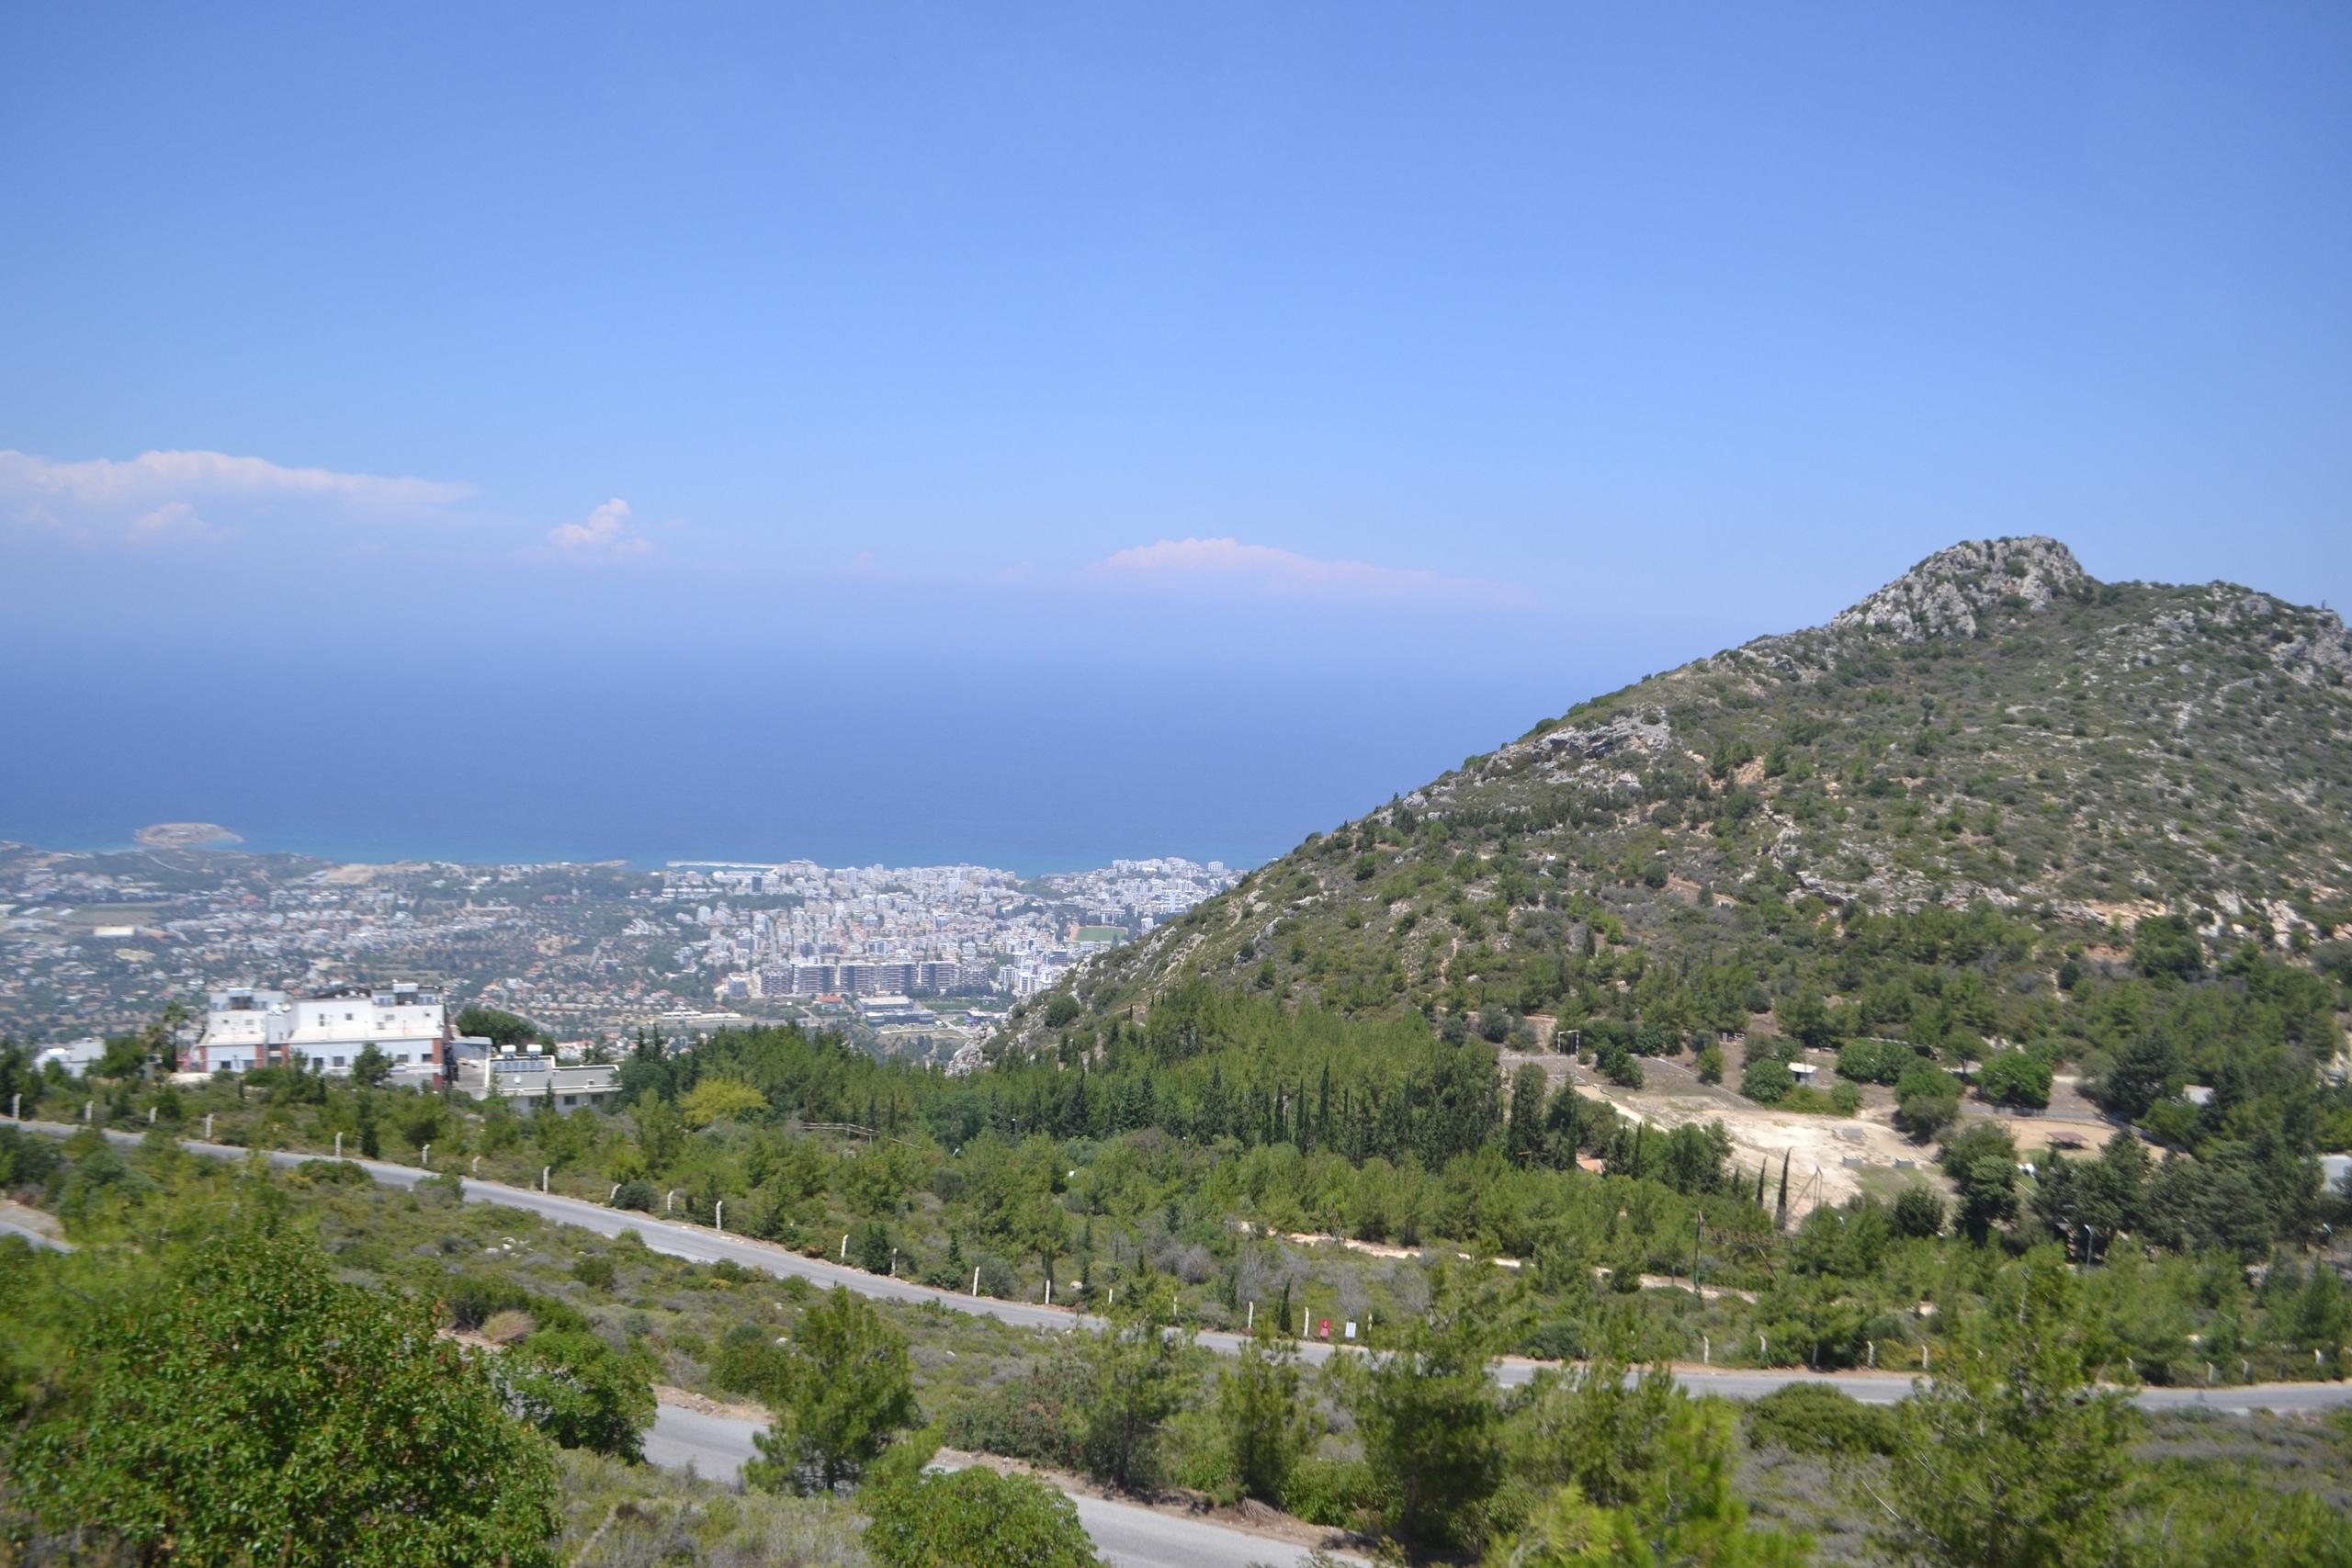 Северный Кипр. Замок Святого Иллариона. (фото). - Страница 3 DtQkTEWun3o